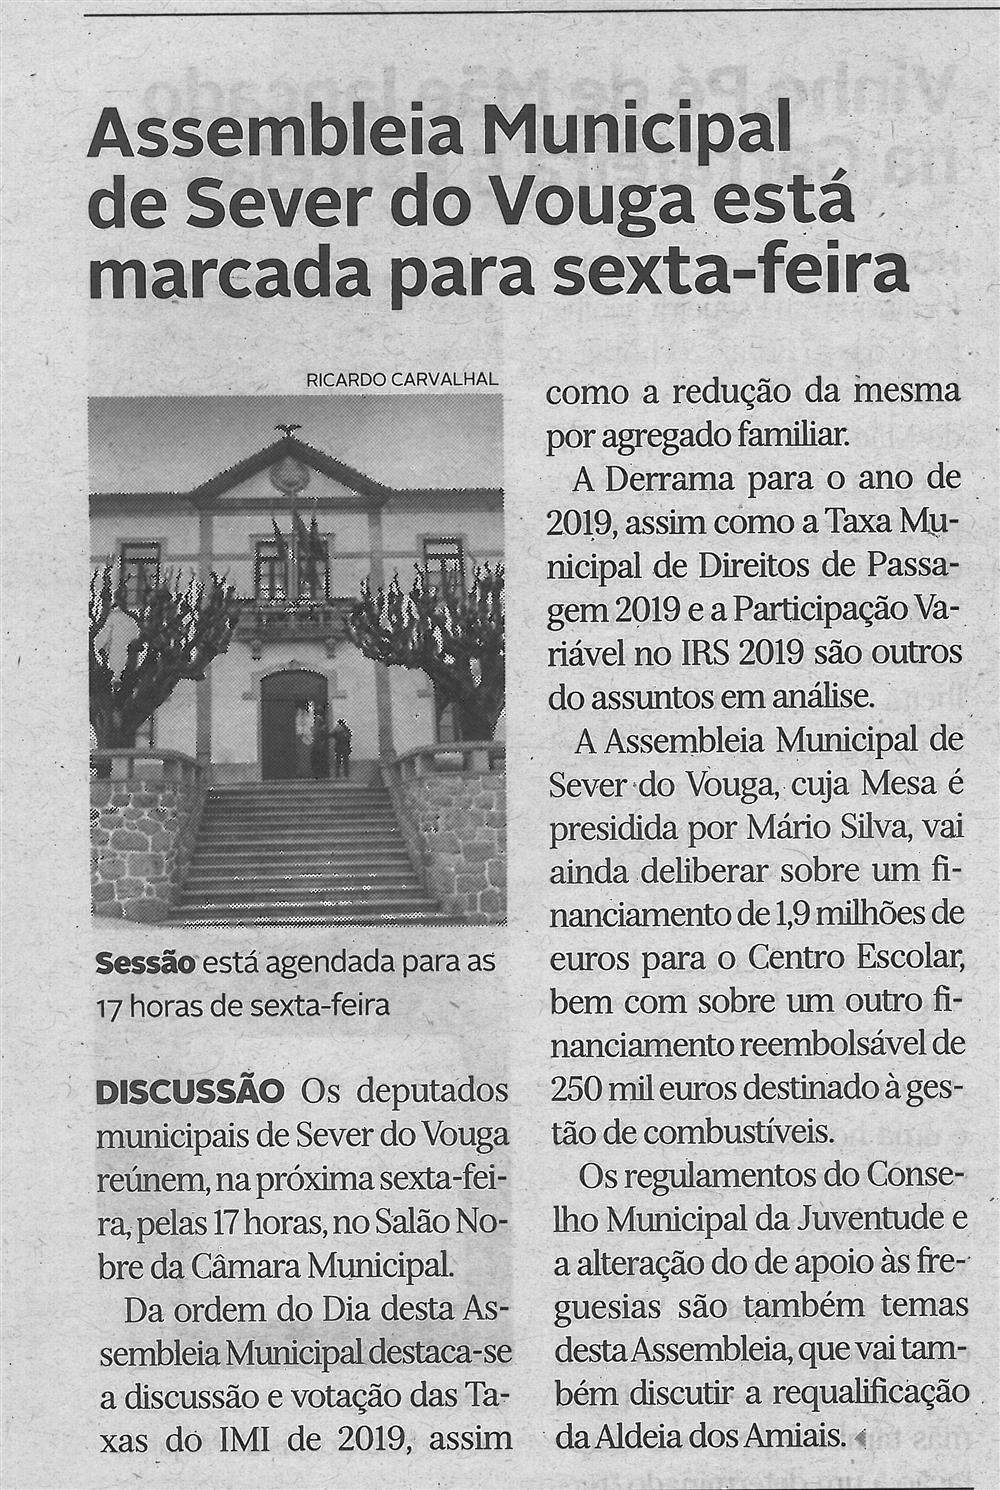 DA-26set.'18-p.6-Assembleia Municipal de Sever do Vouga está marcada para sexta-feira.jpg